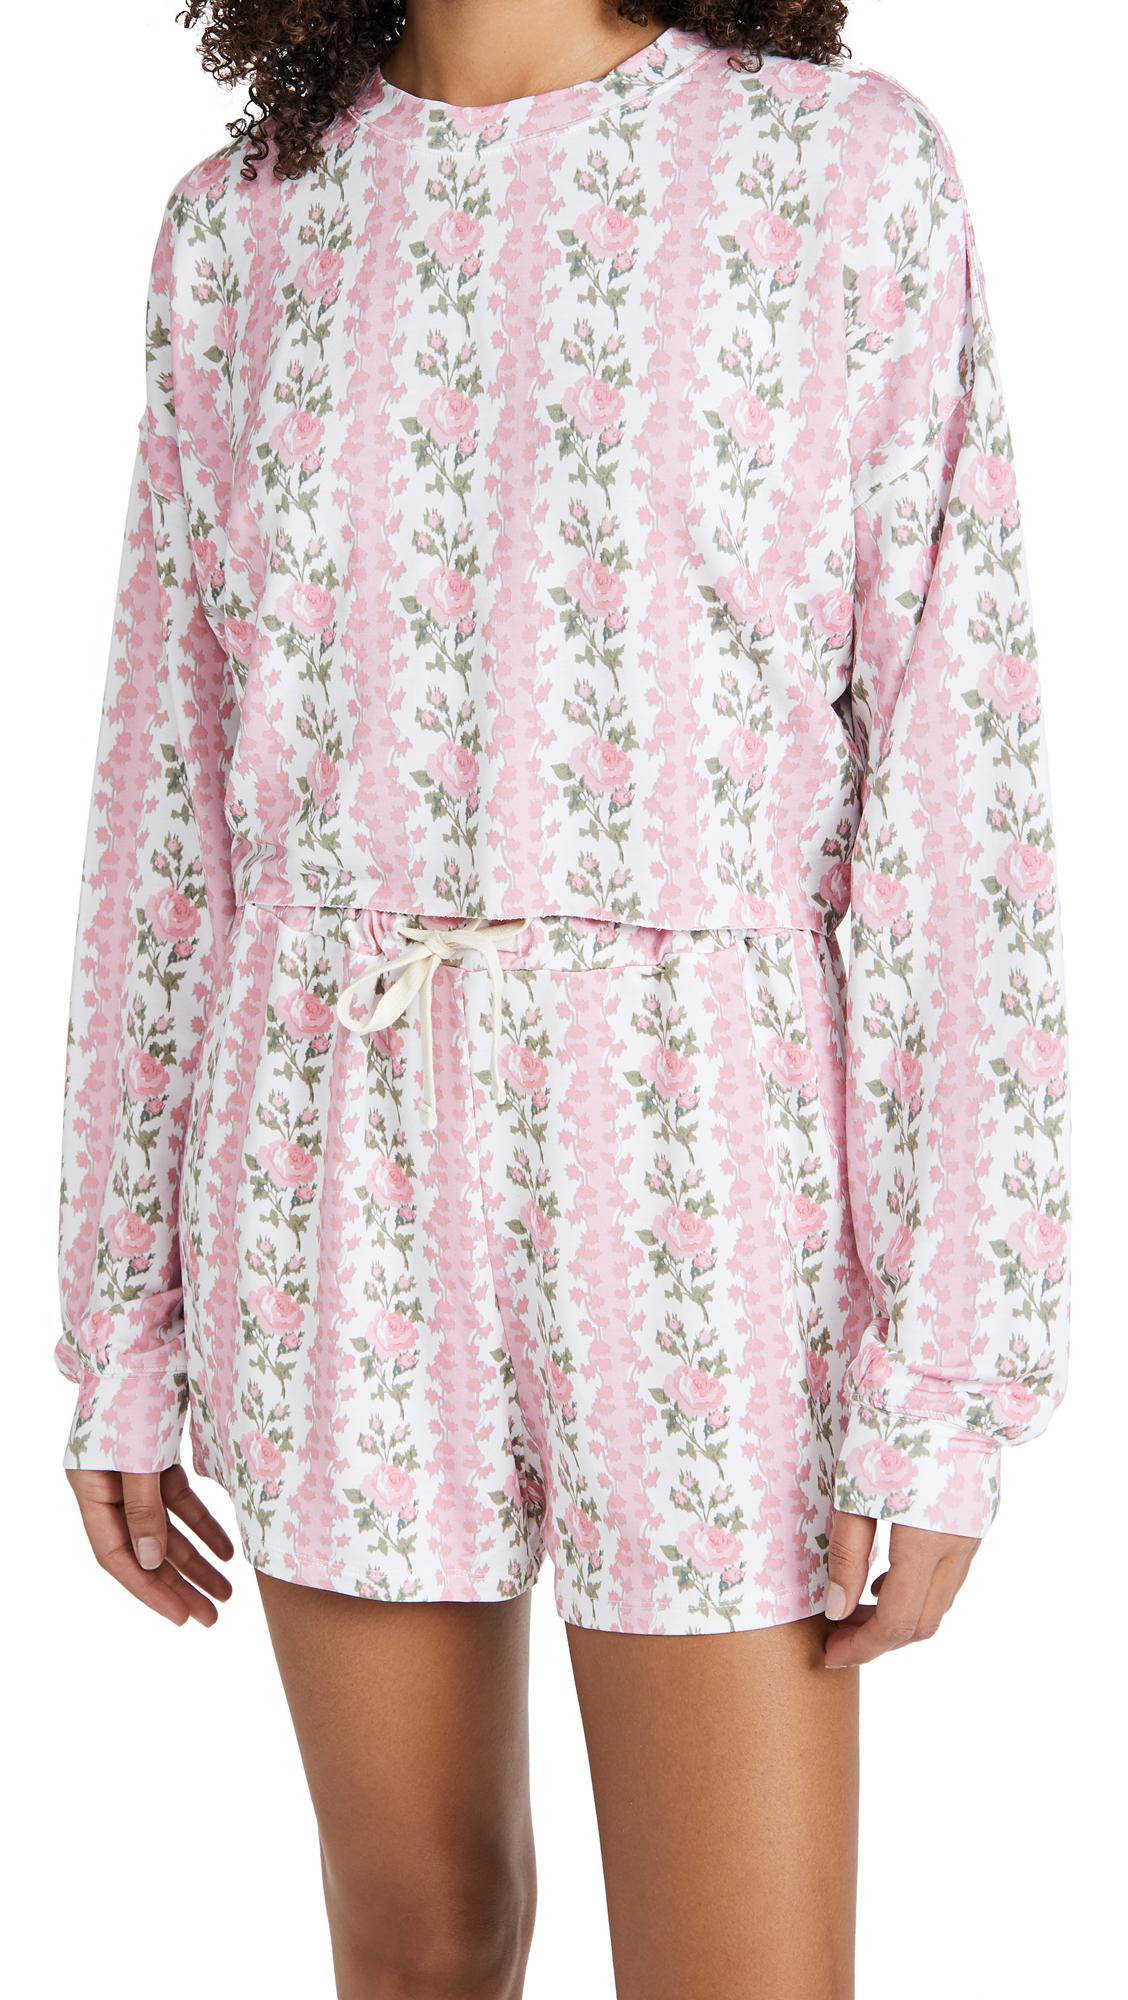 Stripe & Stare x LOVESHACKFANCY Cropped Sweatshirt & Shorts Set